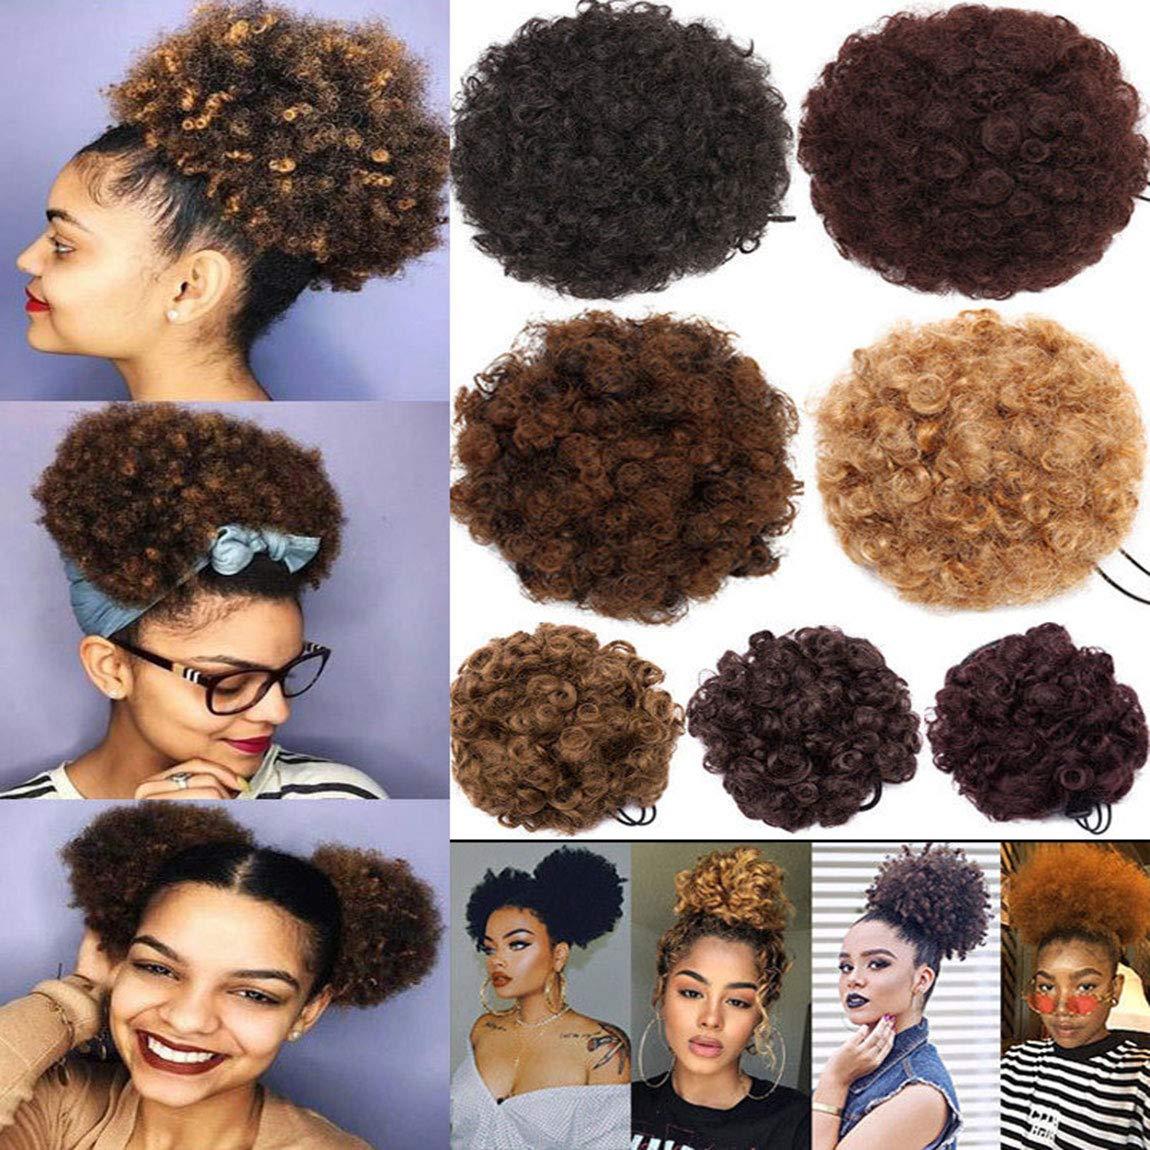 Afro Kinky Curly Updo - Extensiones de pelo para mujer, con cordón elástico: Amazon.es: Belleza